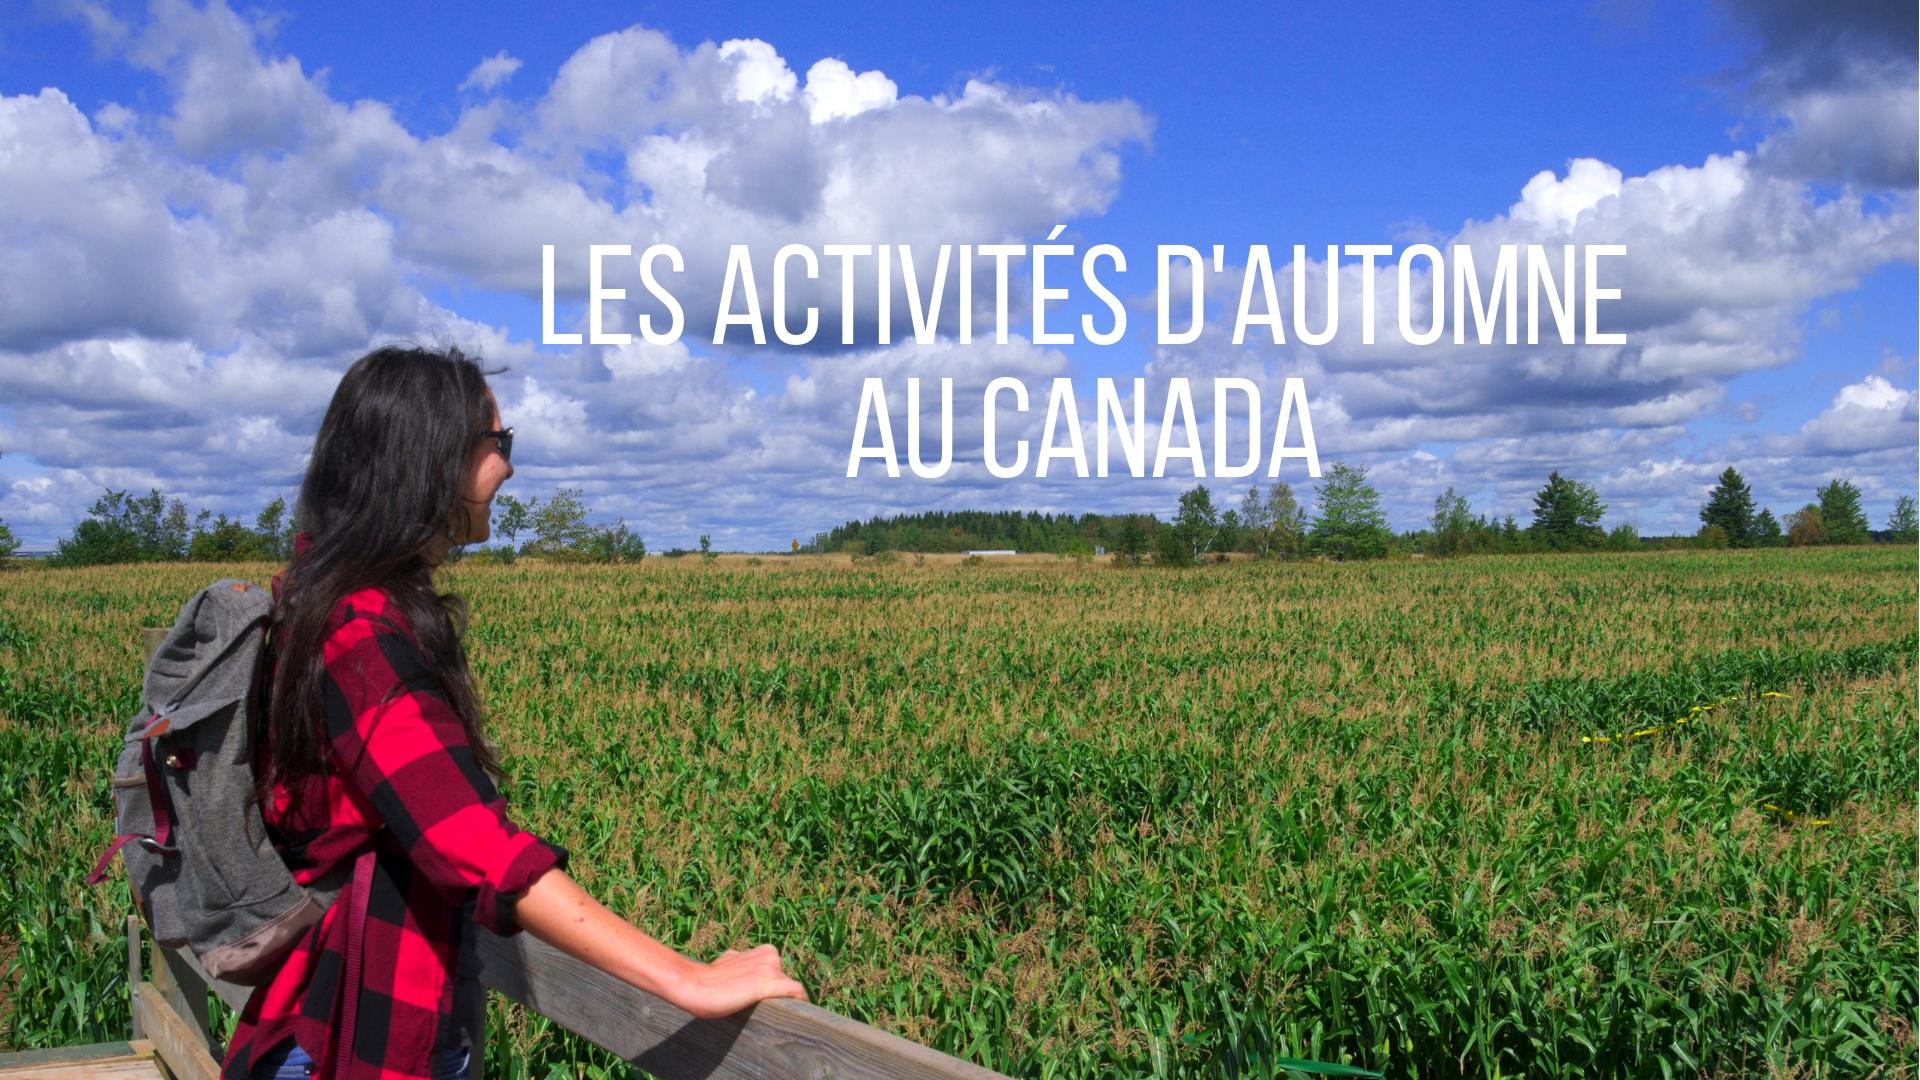 titre automne activites canada ete indien moncton nouveau-brunswick labyrinthe road-trip voyage arpenter le chemin